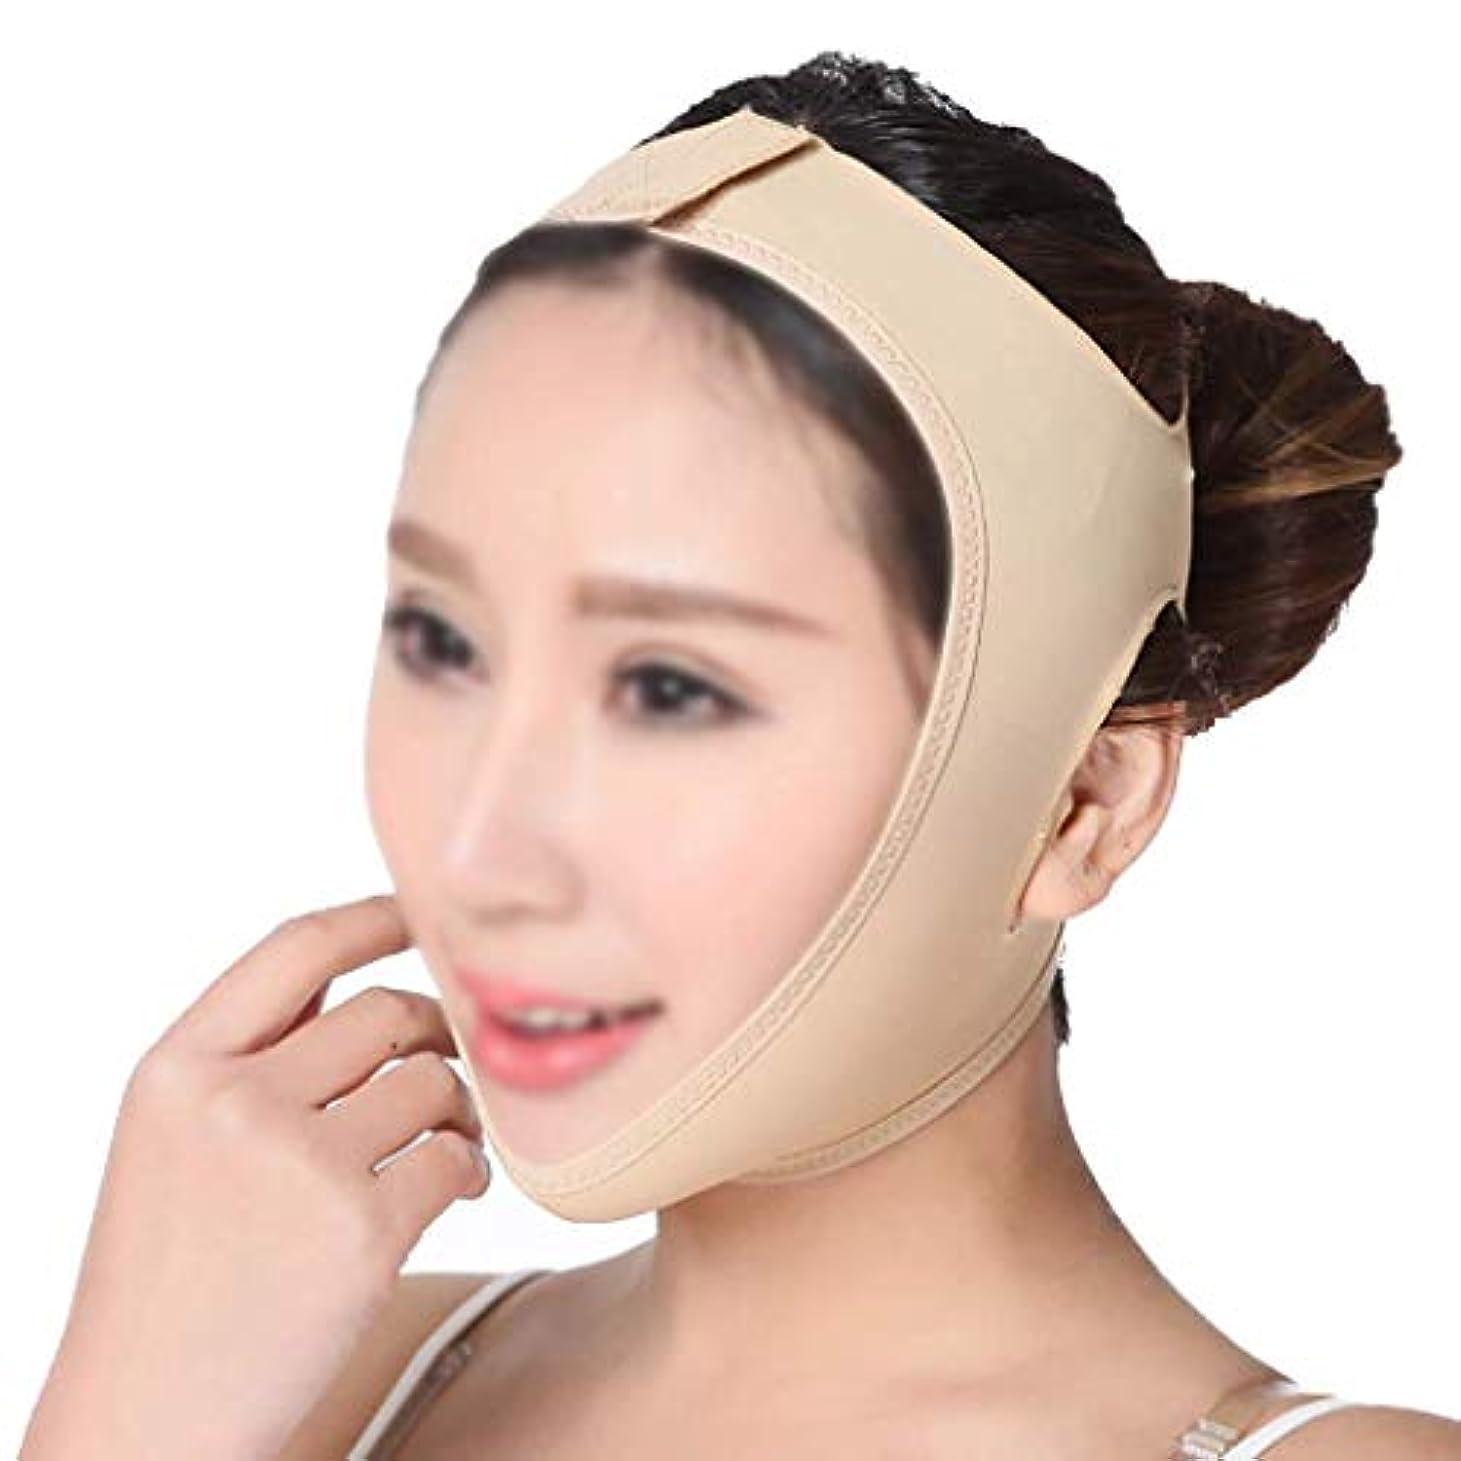 経由で喪結紮フェイスリフティング包帯、Vフェイスインストゥルメントフェイスマスクアーティファクト引き締めマスク手動フェイシャルマッサージャー通気性肌のトーン(サイズ:xl),Xl